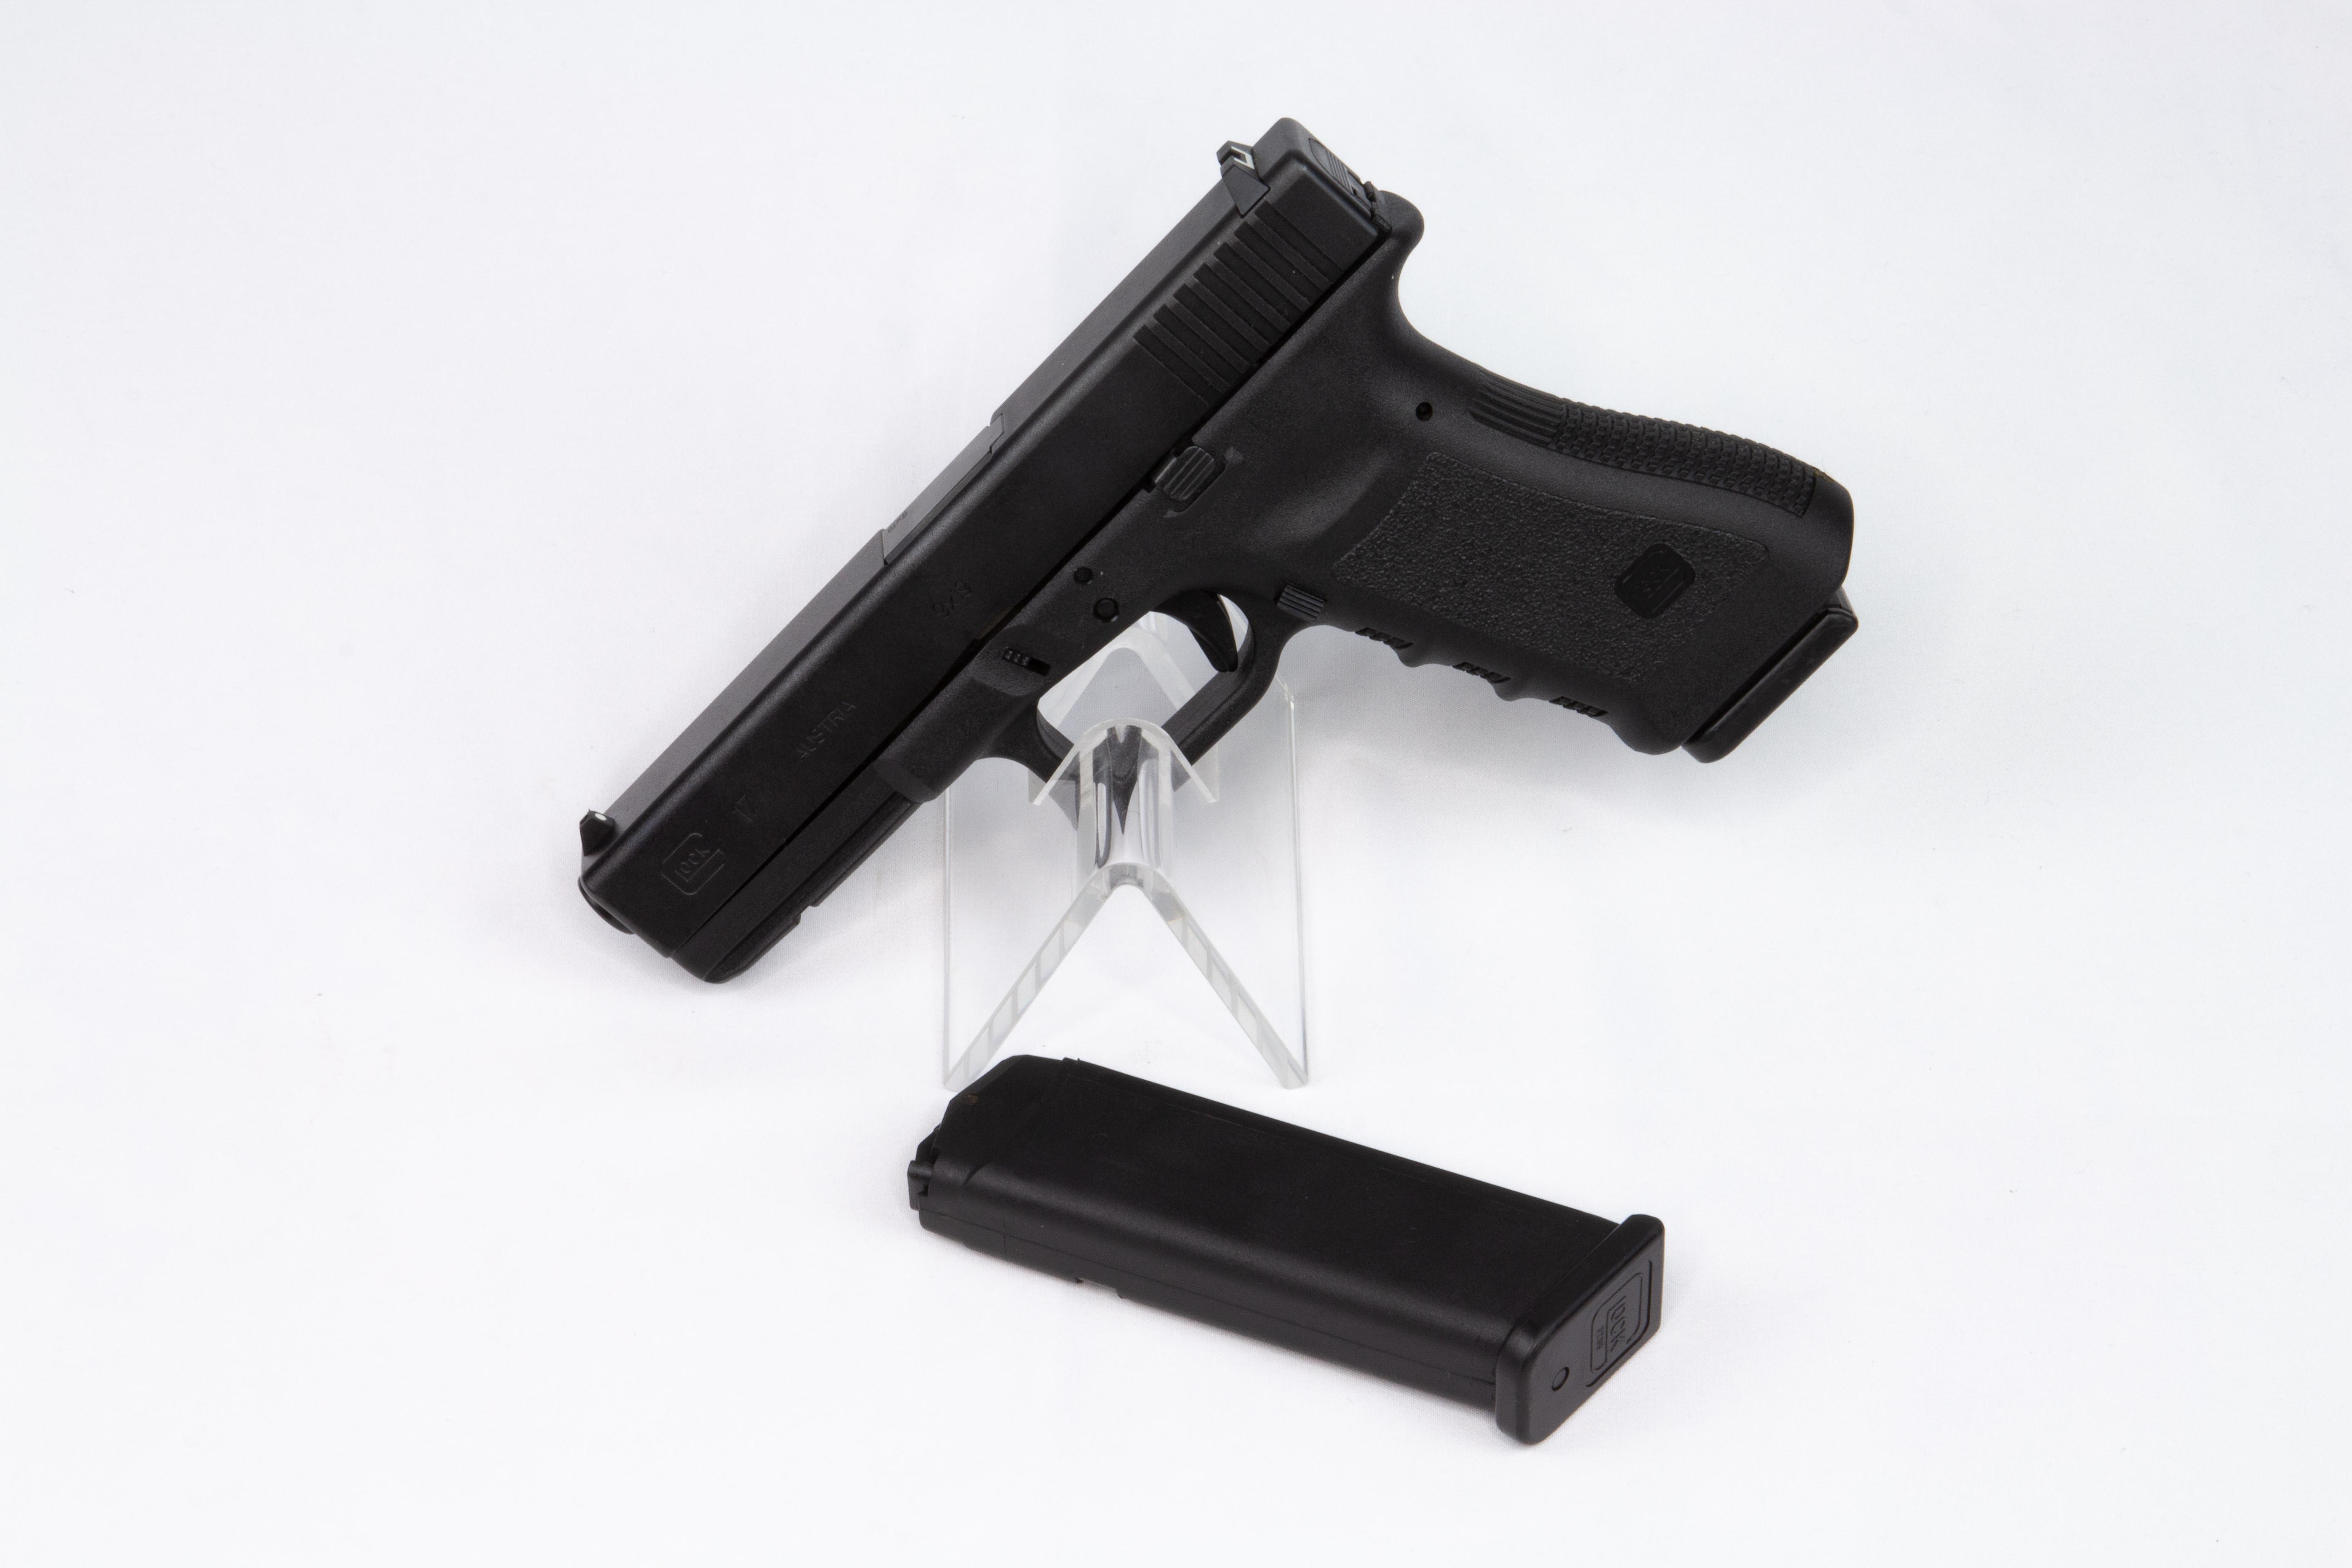 gebr. GLOCK Pistole Mod. 17 Gen. 4